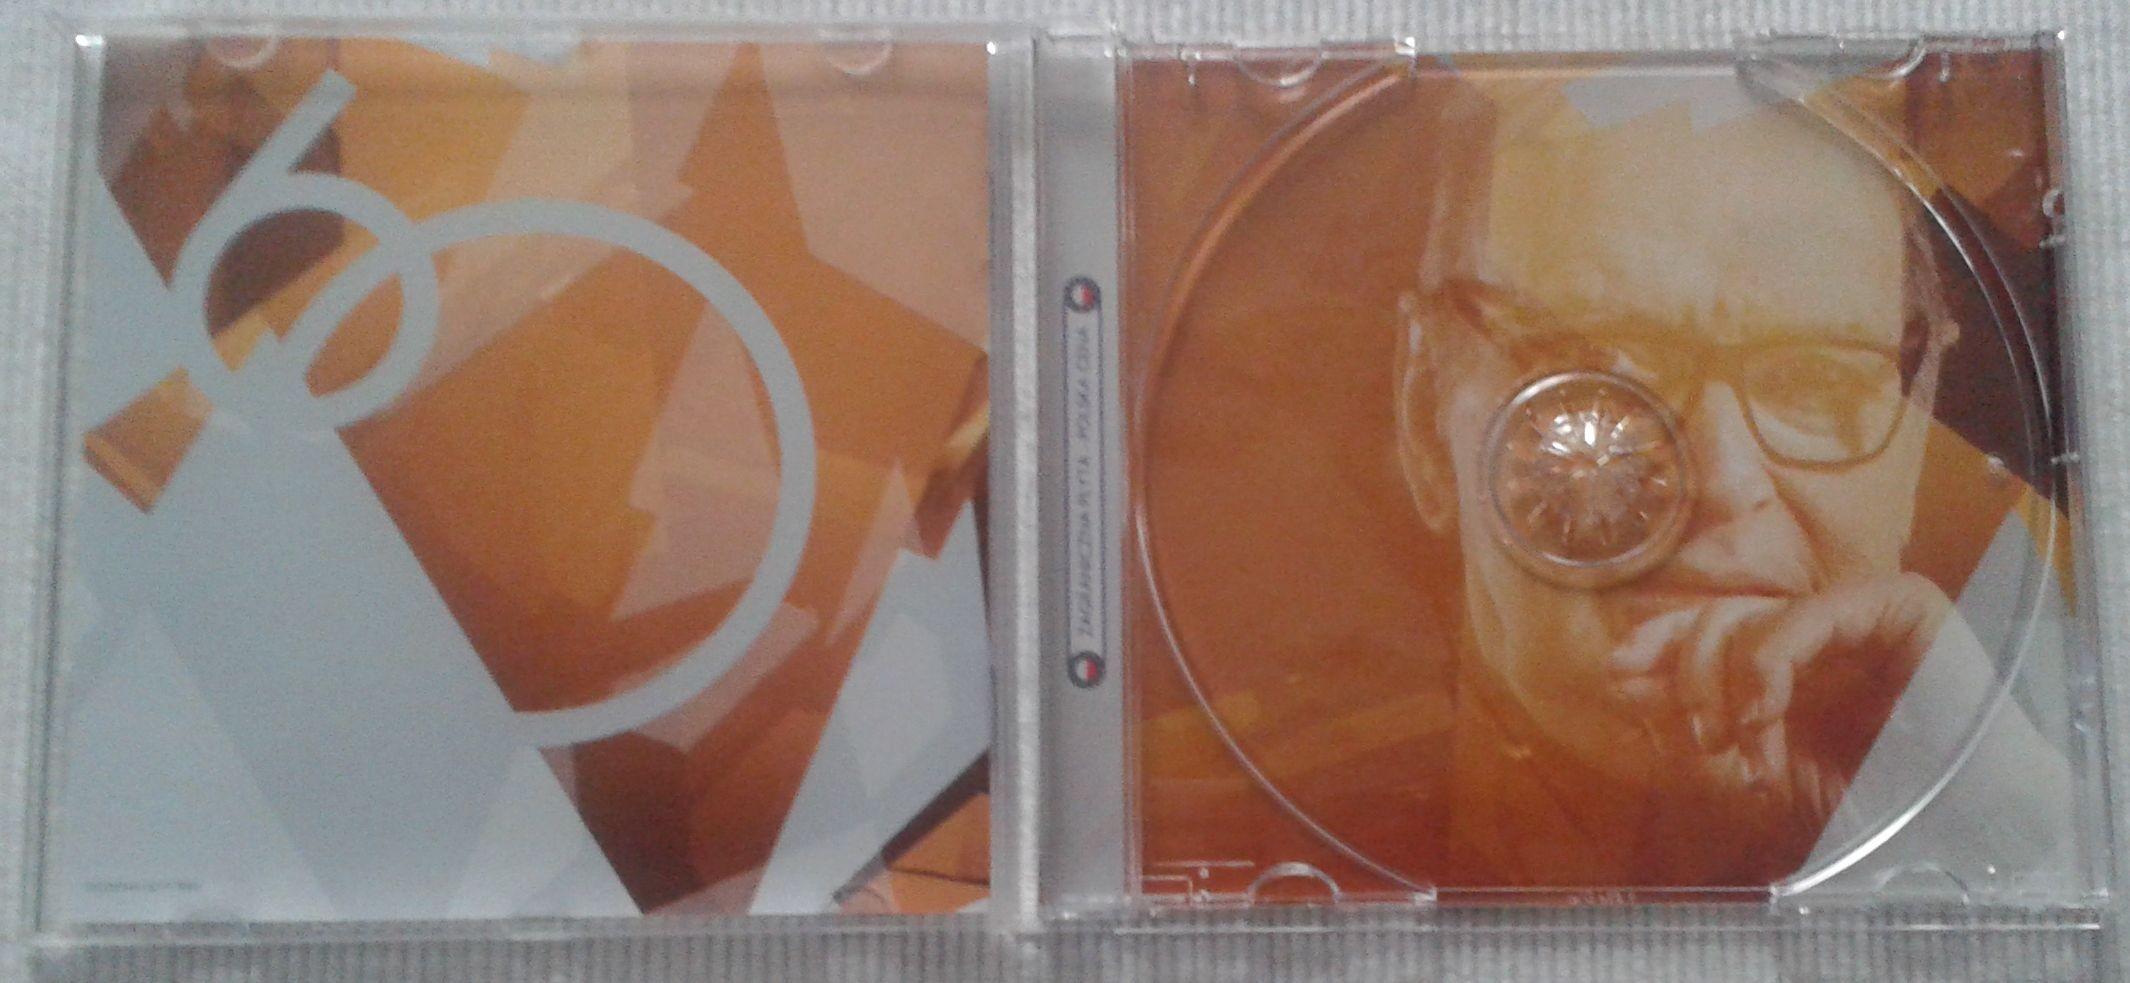 Ennio 60 CD środek.jpg